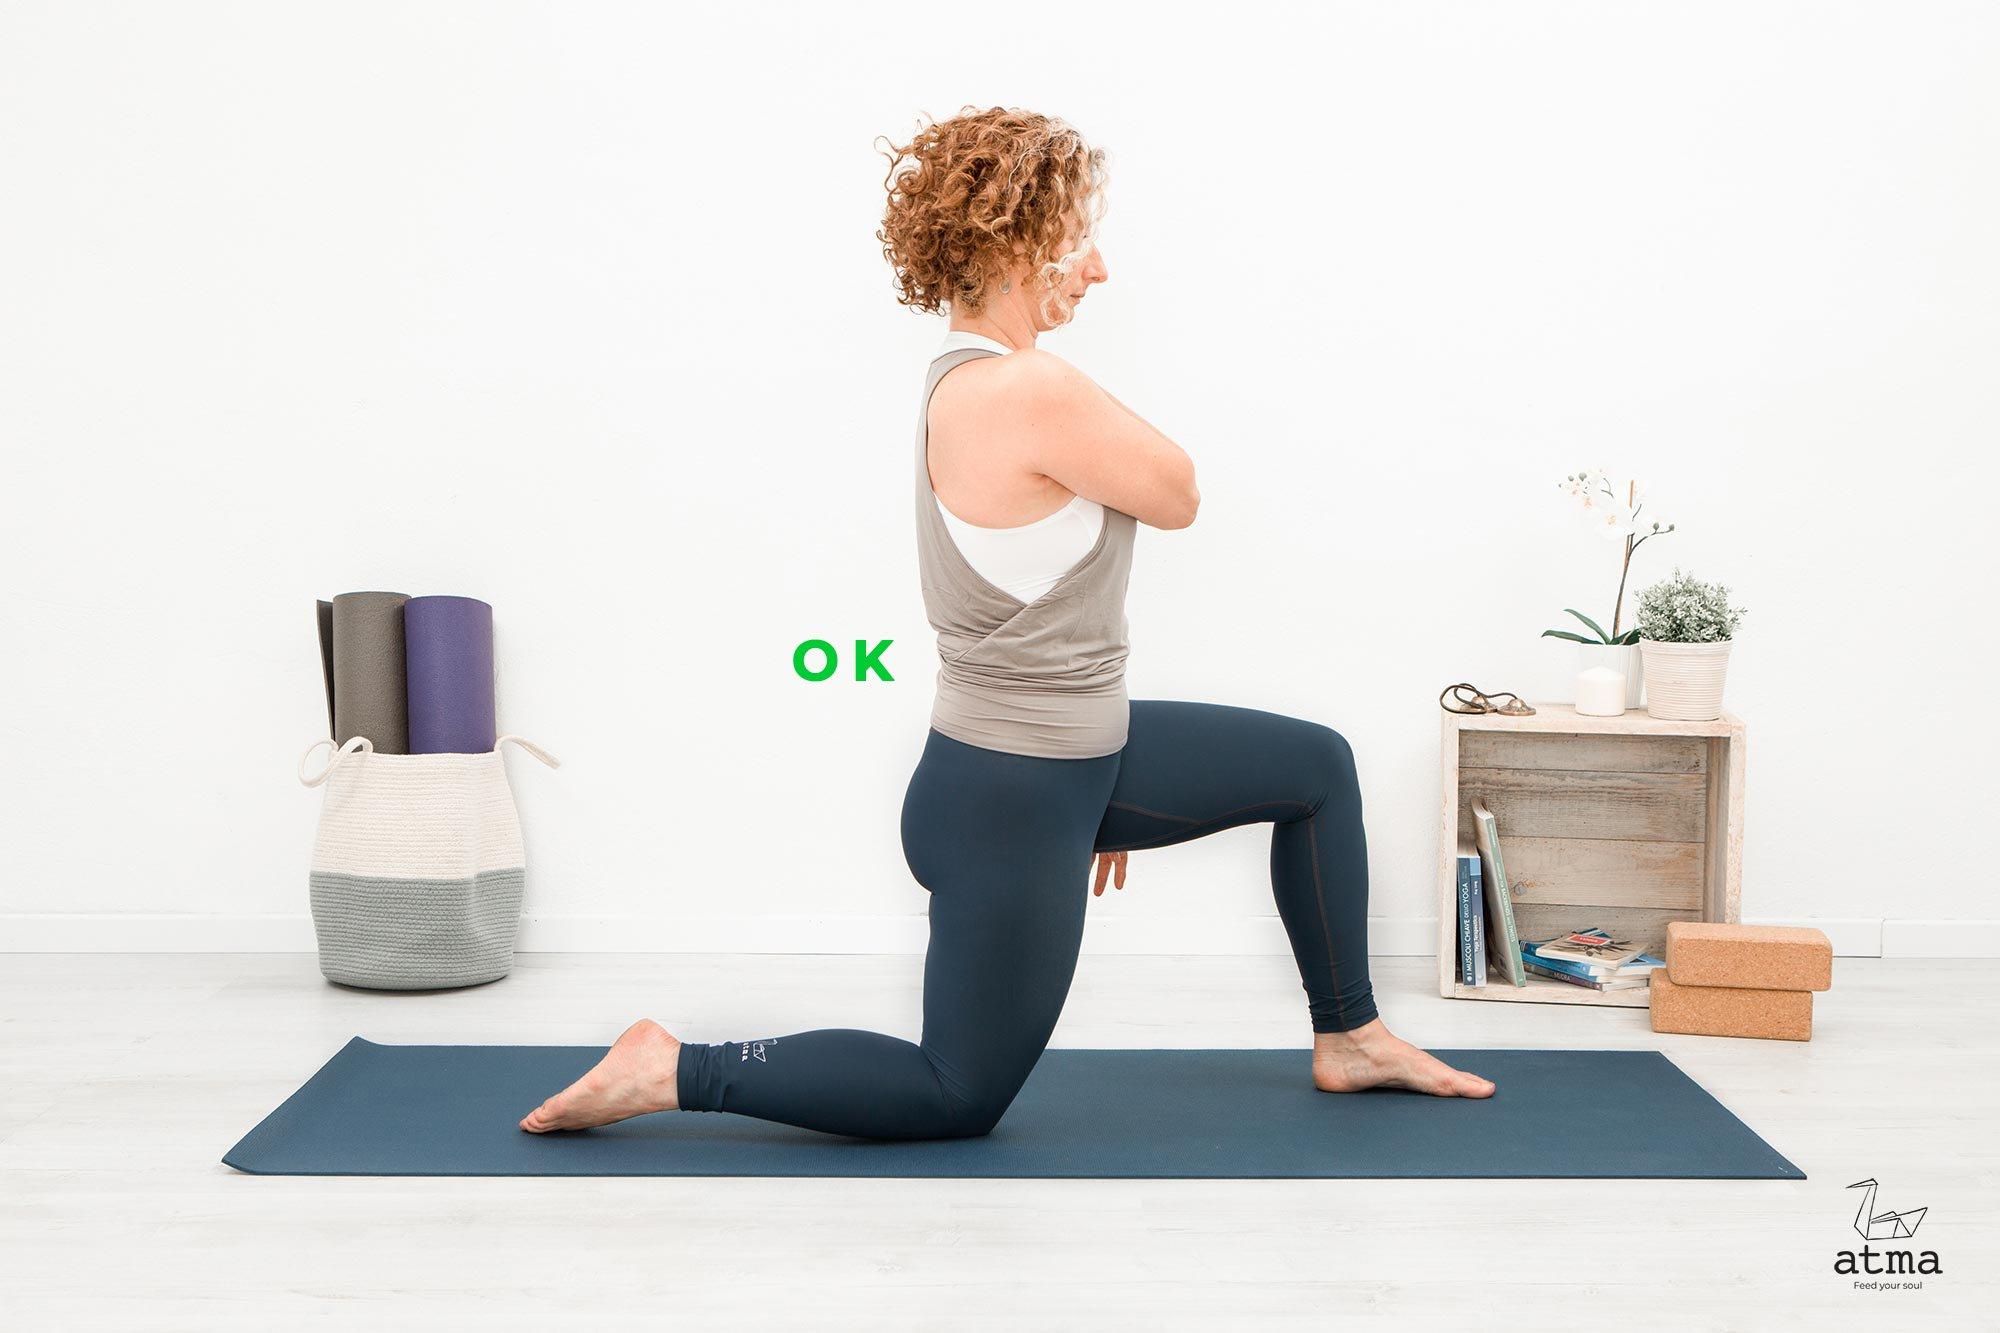 Posizione di partenza, affondo, ginocchio a terra, colonna nelle sue curve fisiologiche, corretto